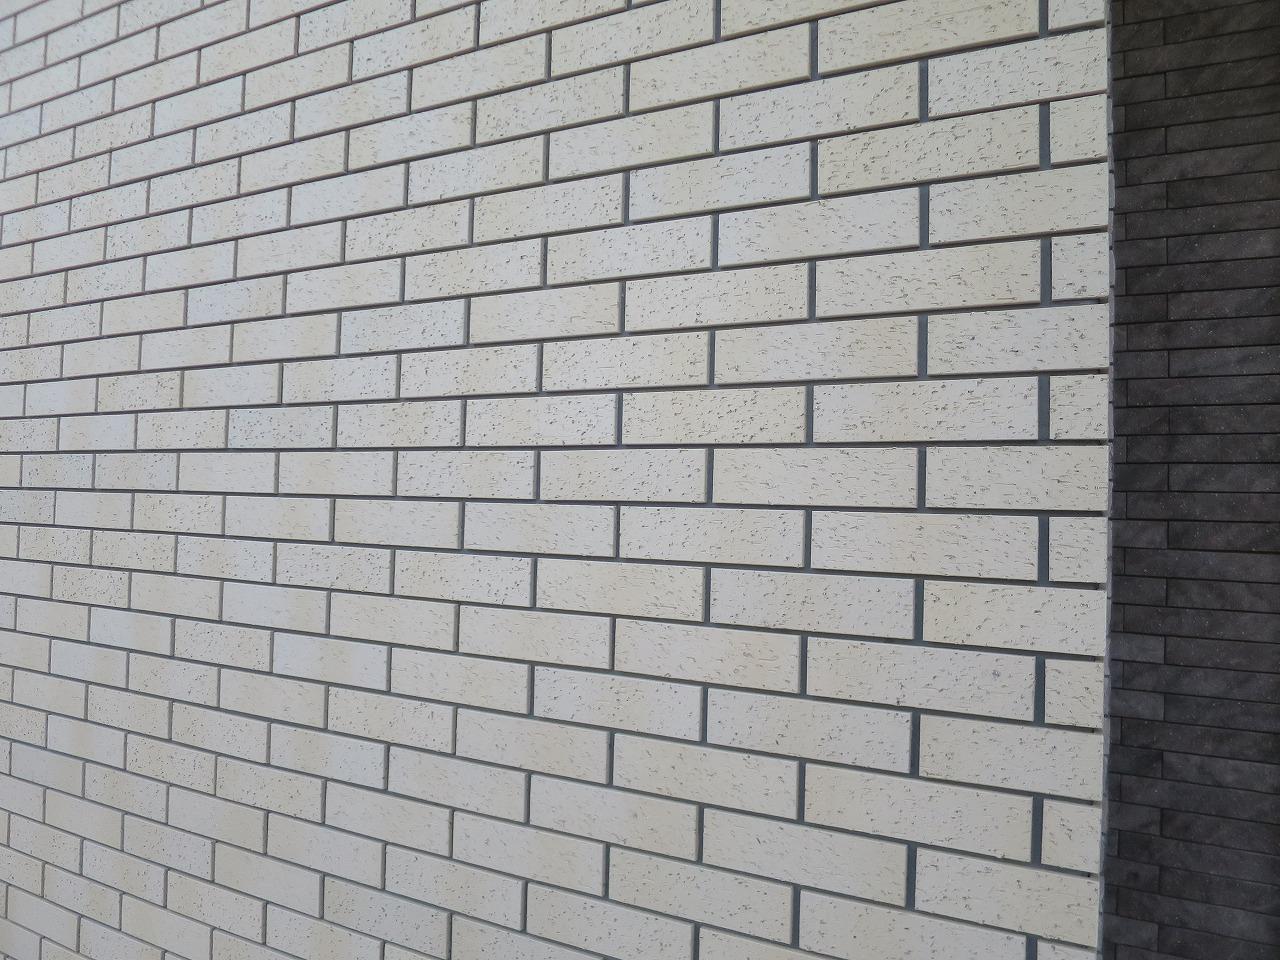 外壁はタイルかサイディングか